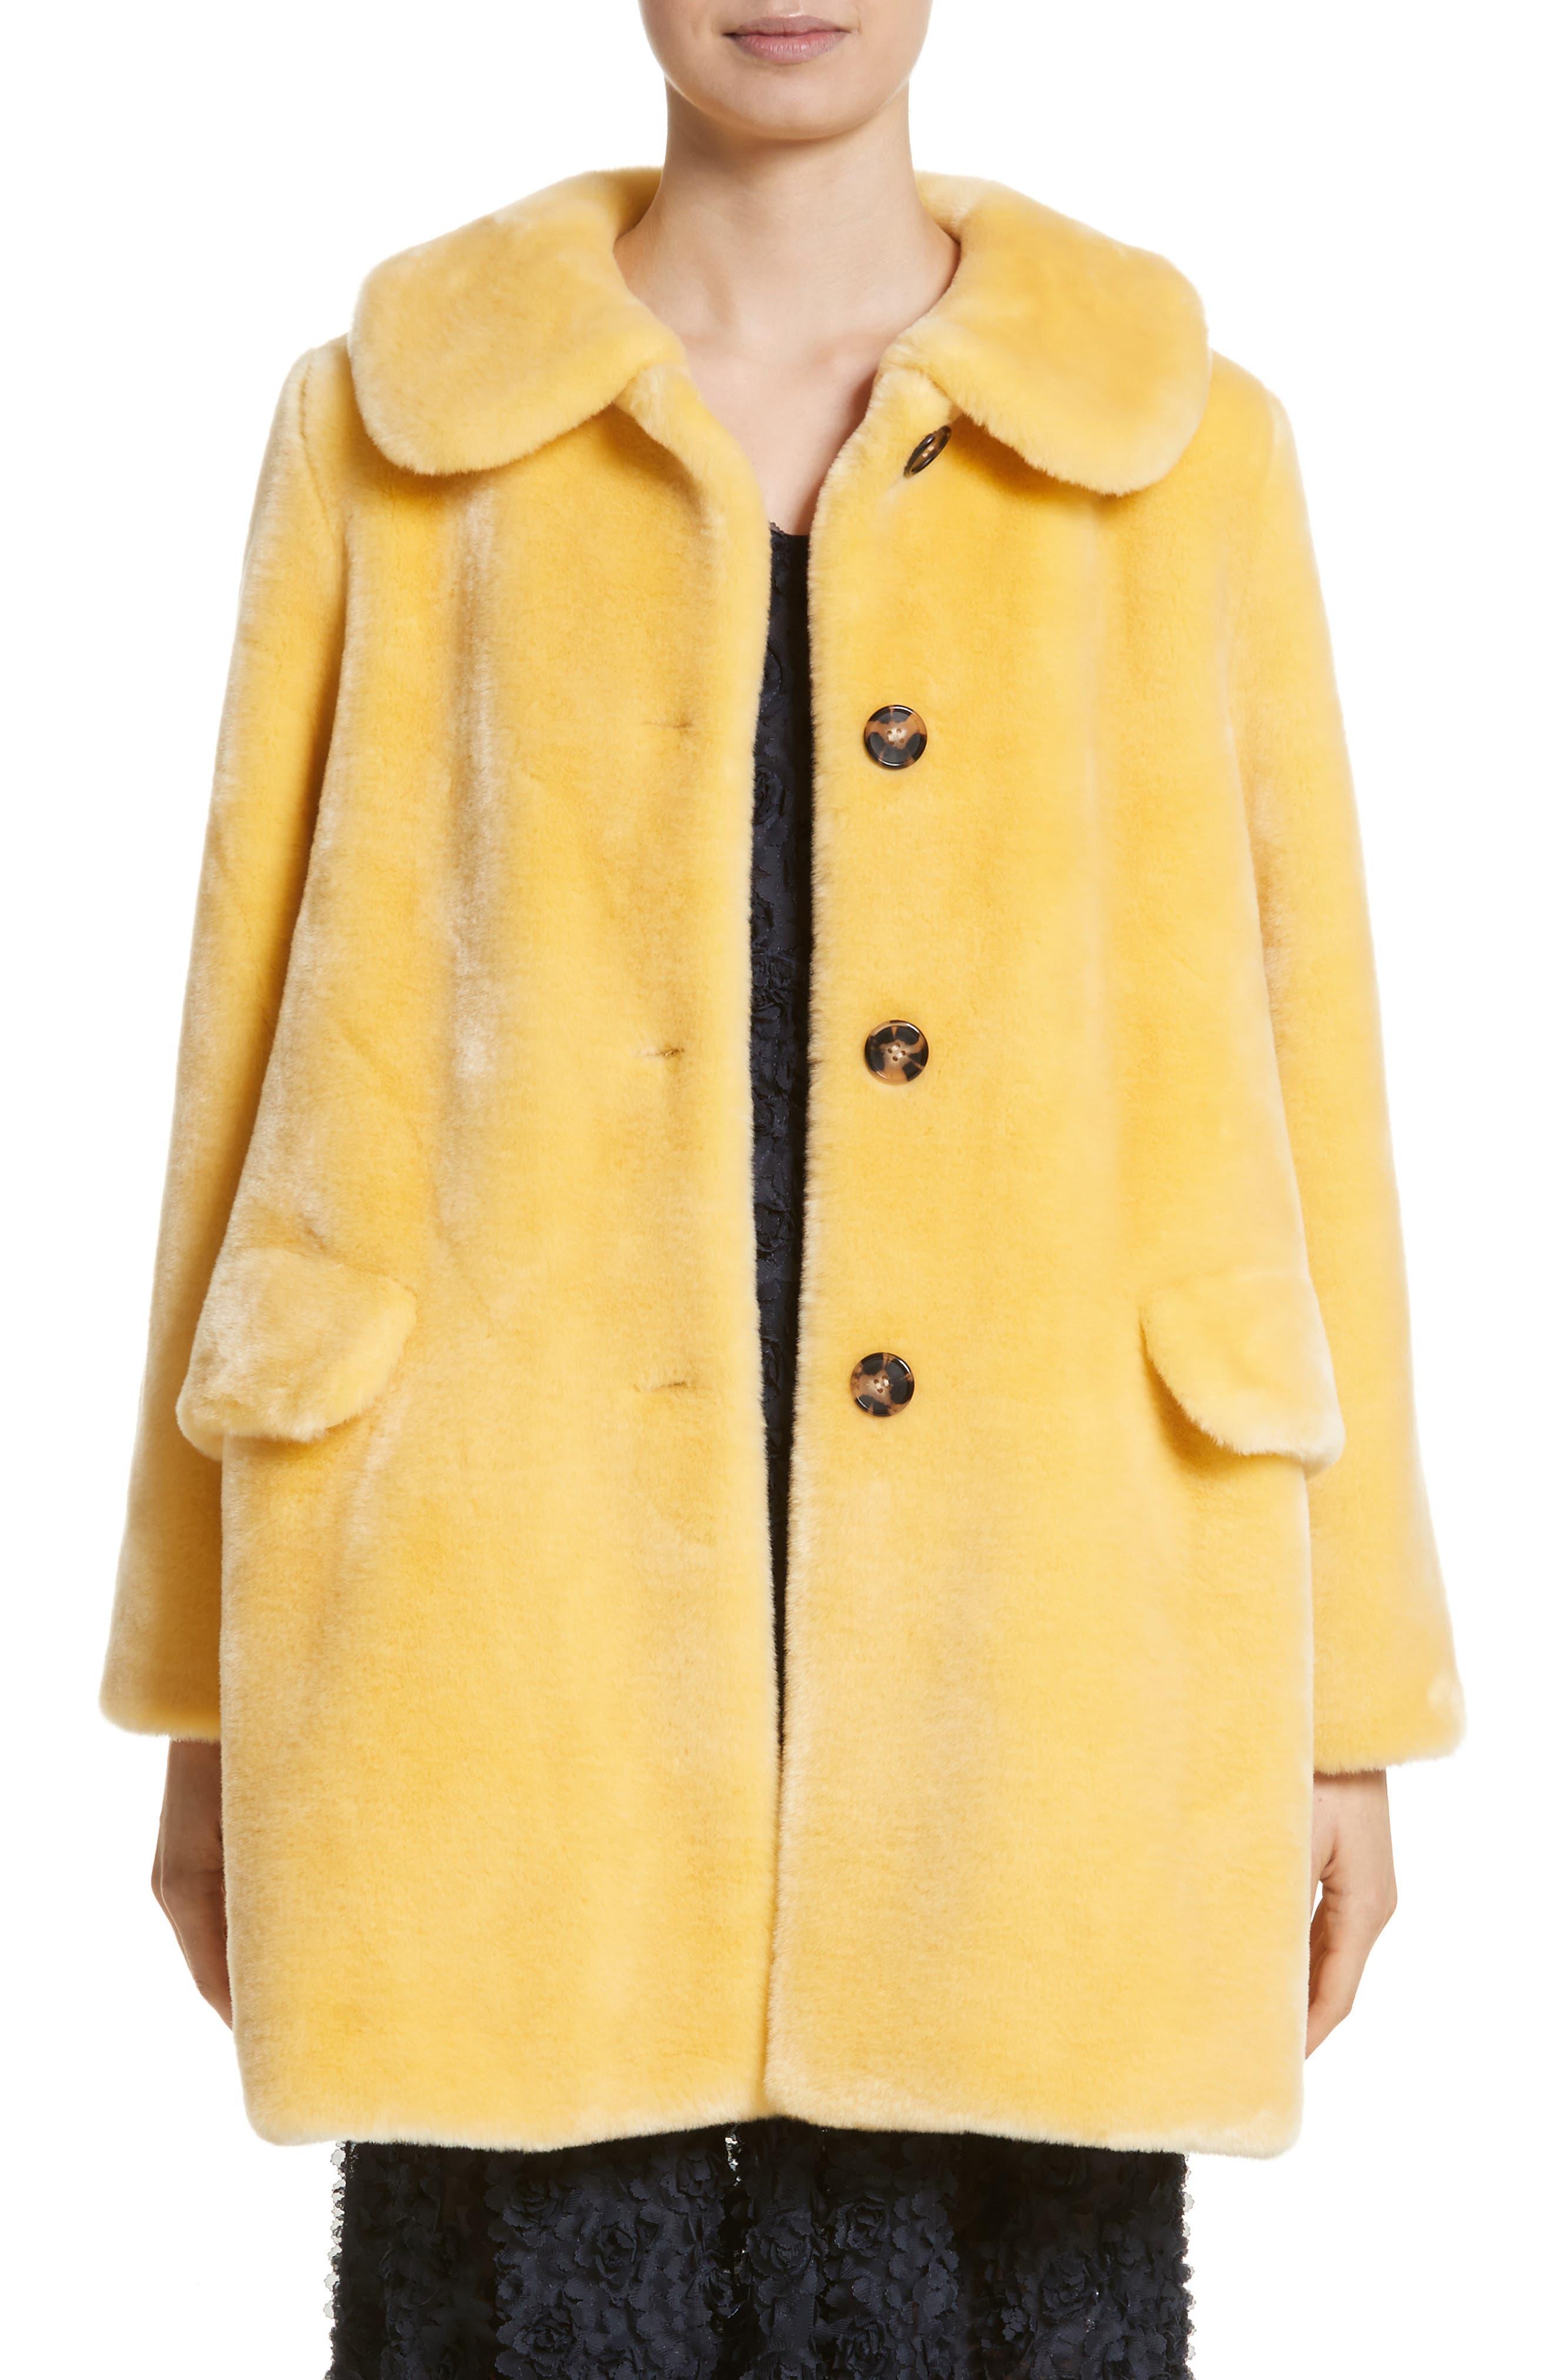 Pyrus Oversized Faux Fur Coat,                         Main,                         color, 700